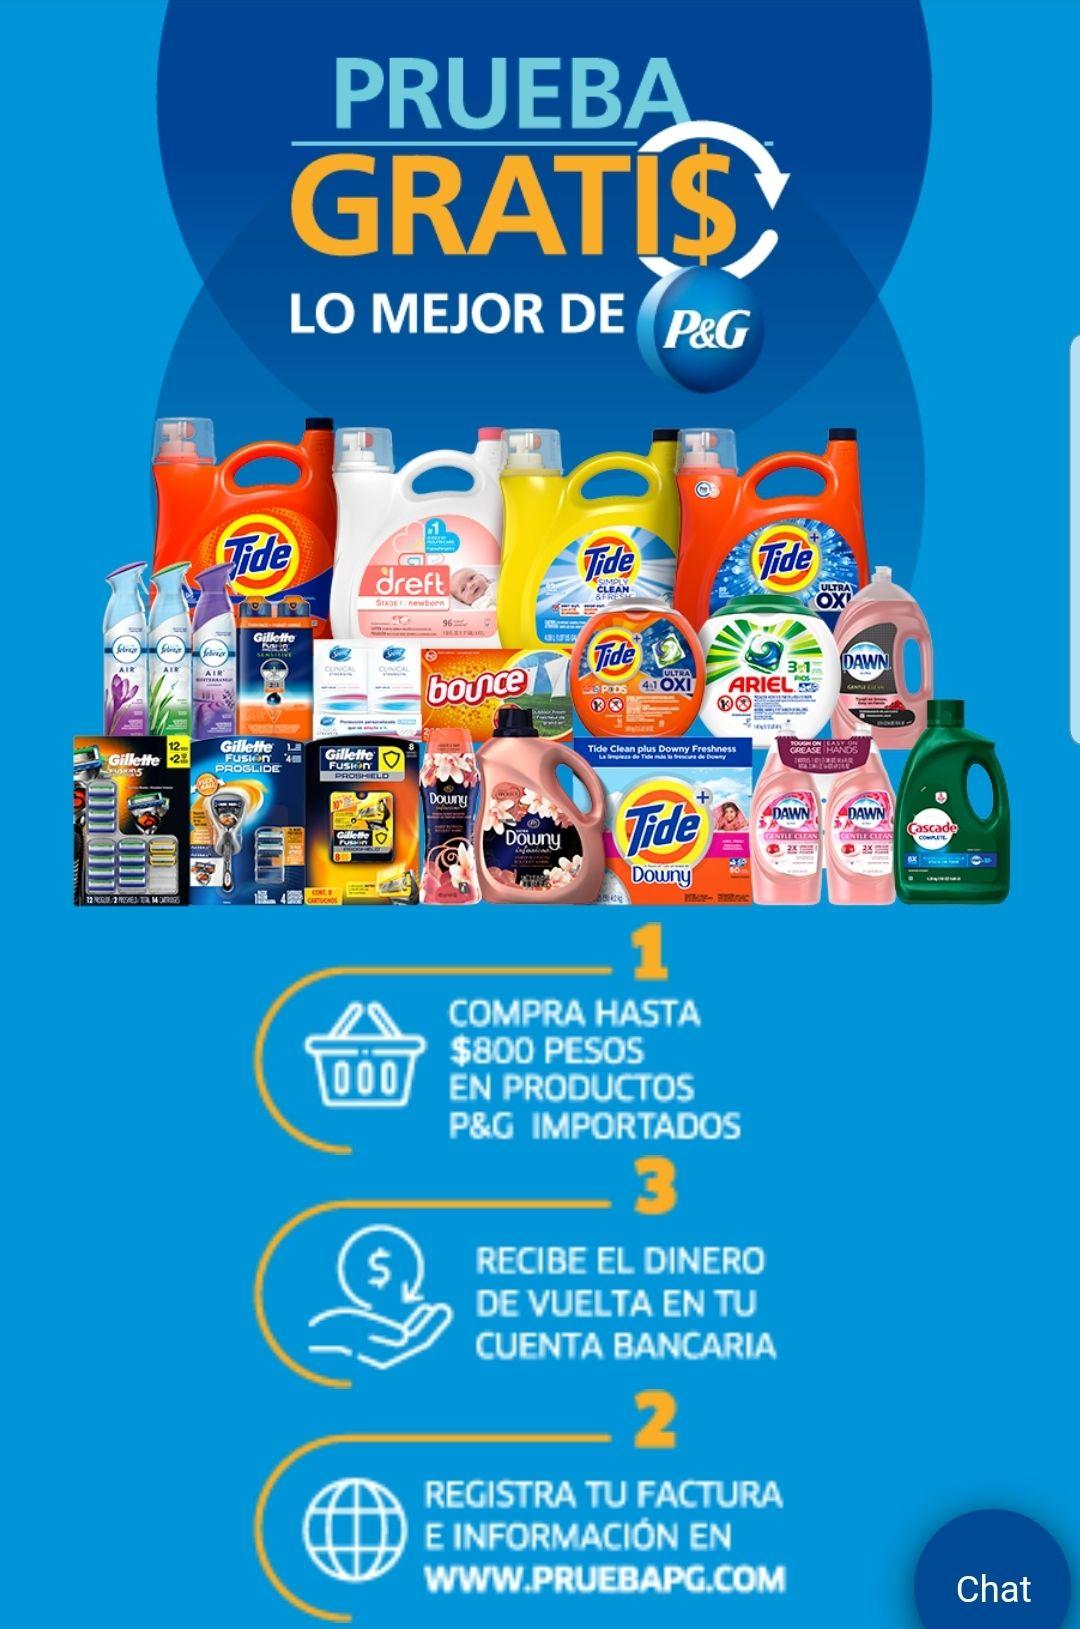 Prueba gratis en productos P&G